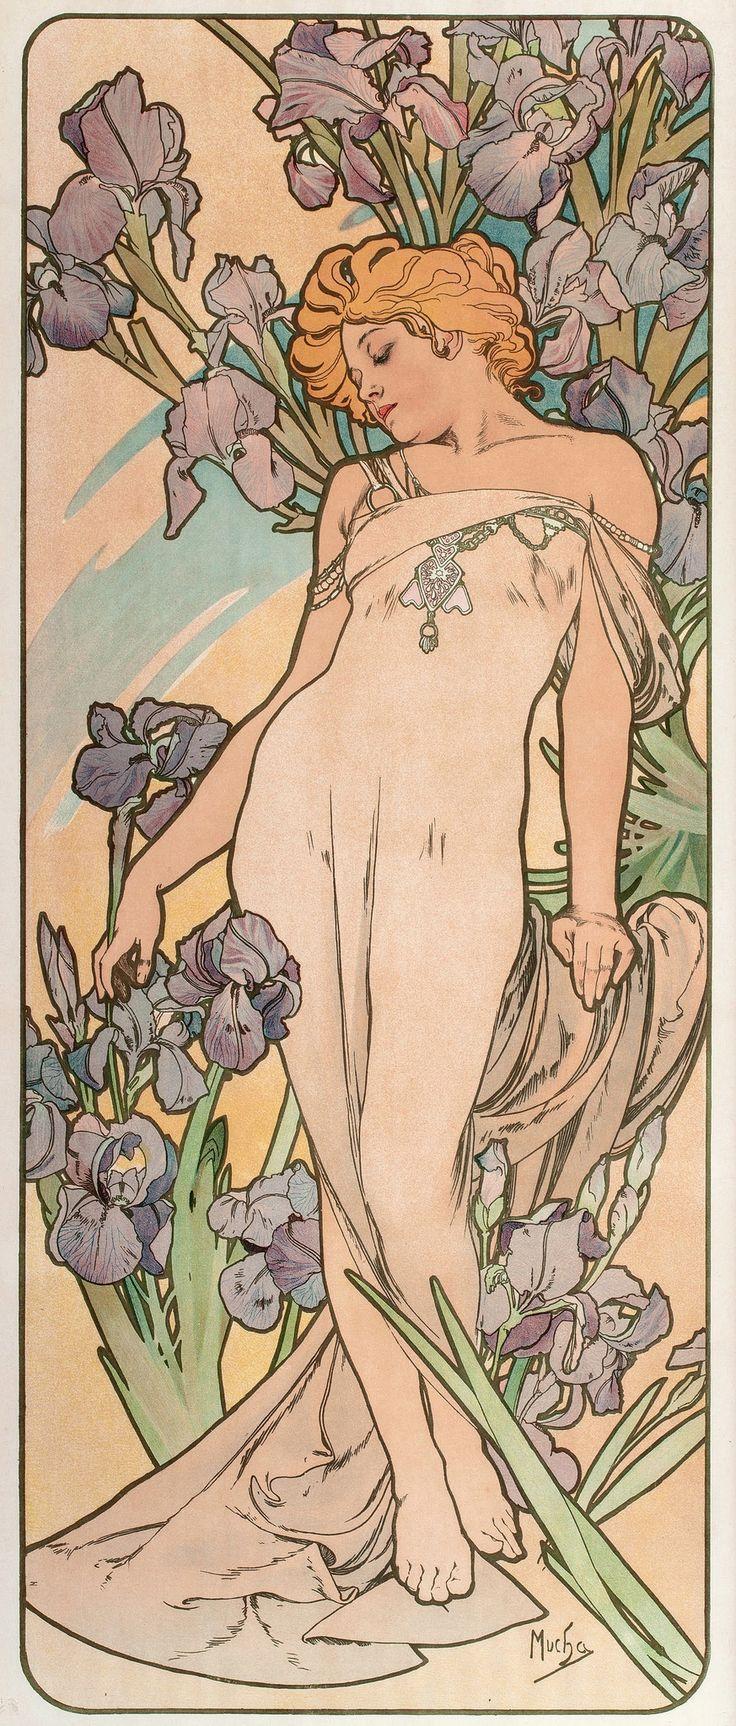 Alphonse (Alfons) Mucha - Illustration - Art Nouveau - Les Fleurs: The Iris, 1898.